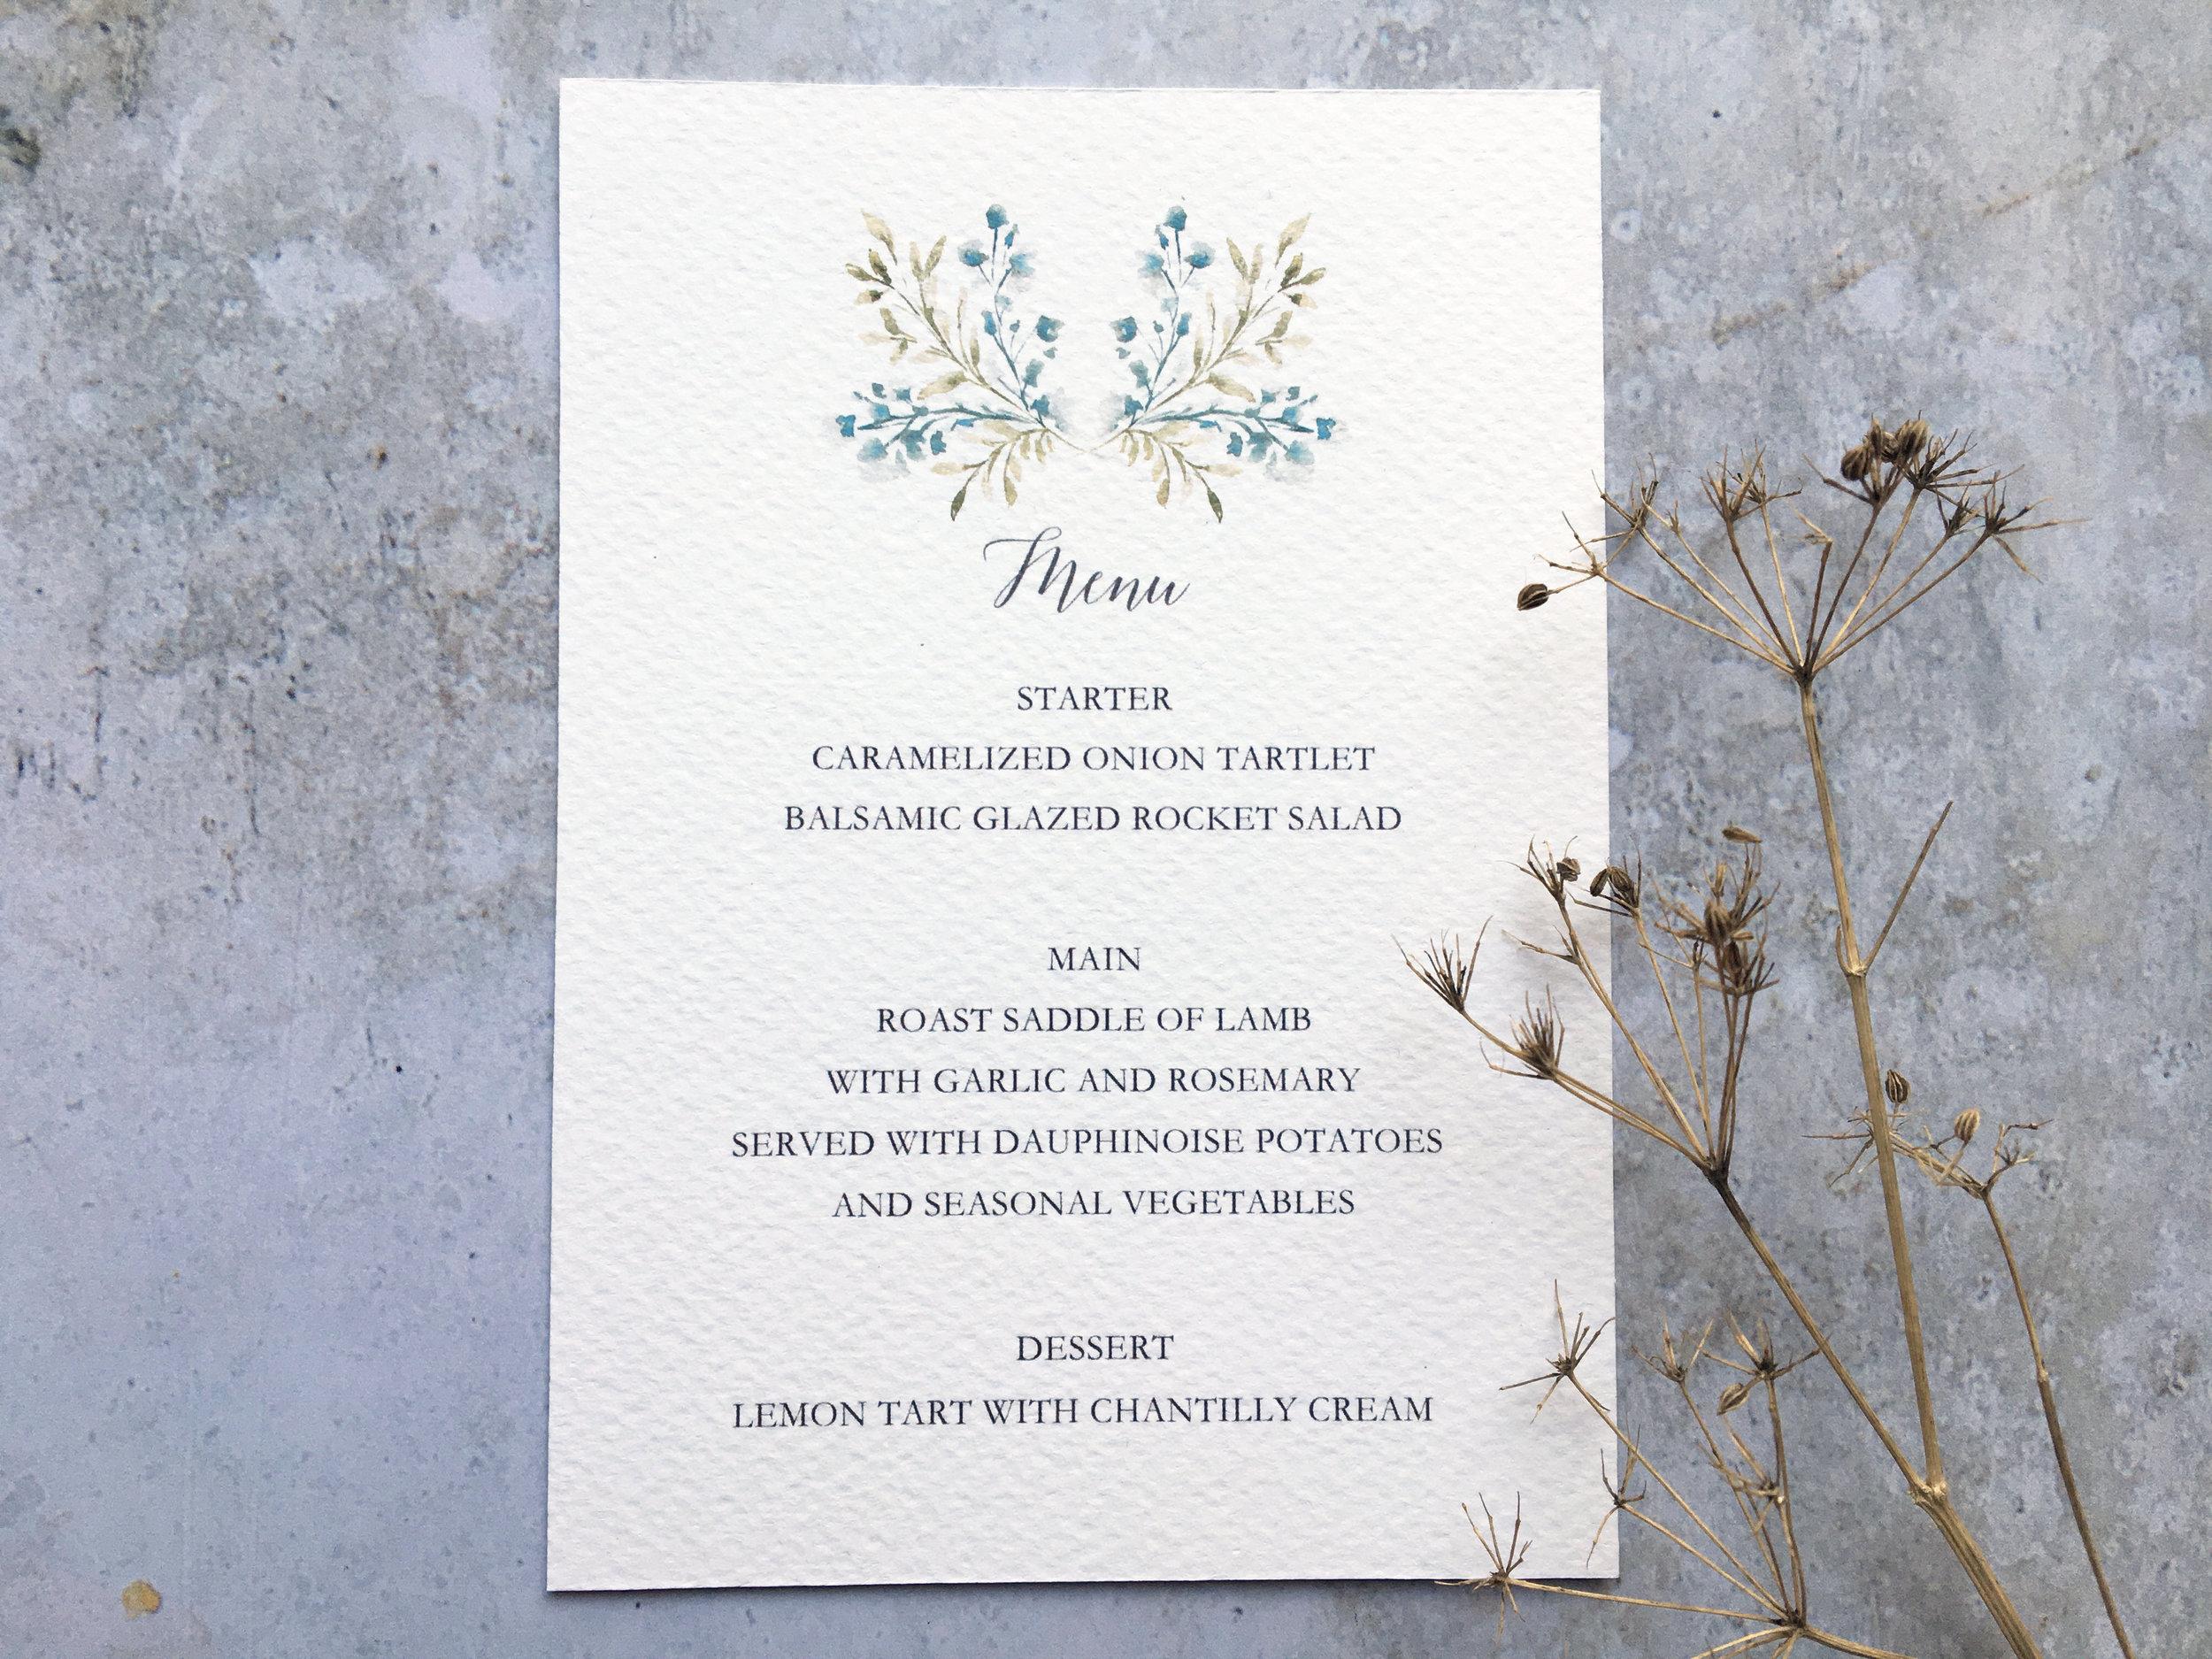 Enchanted menu.jpg